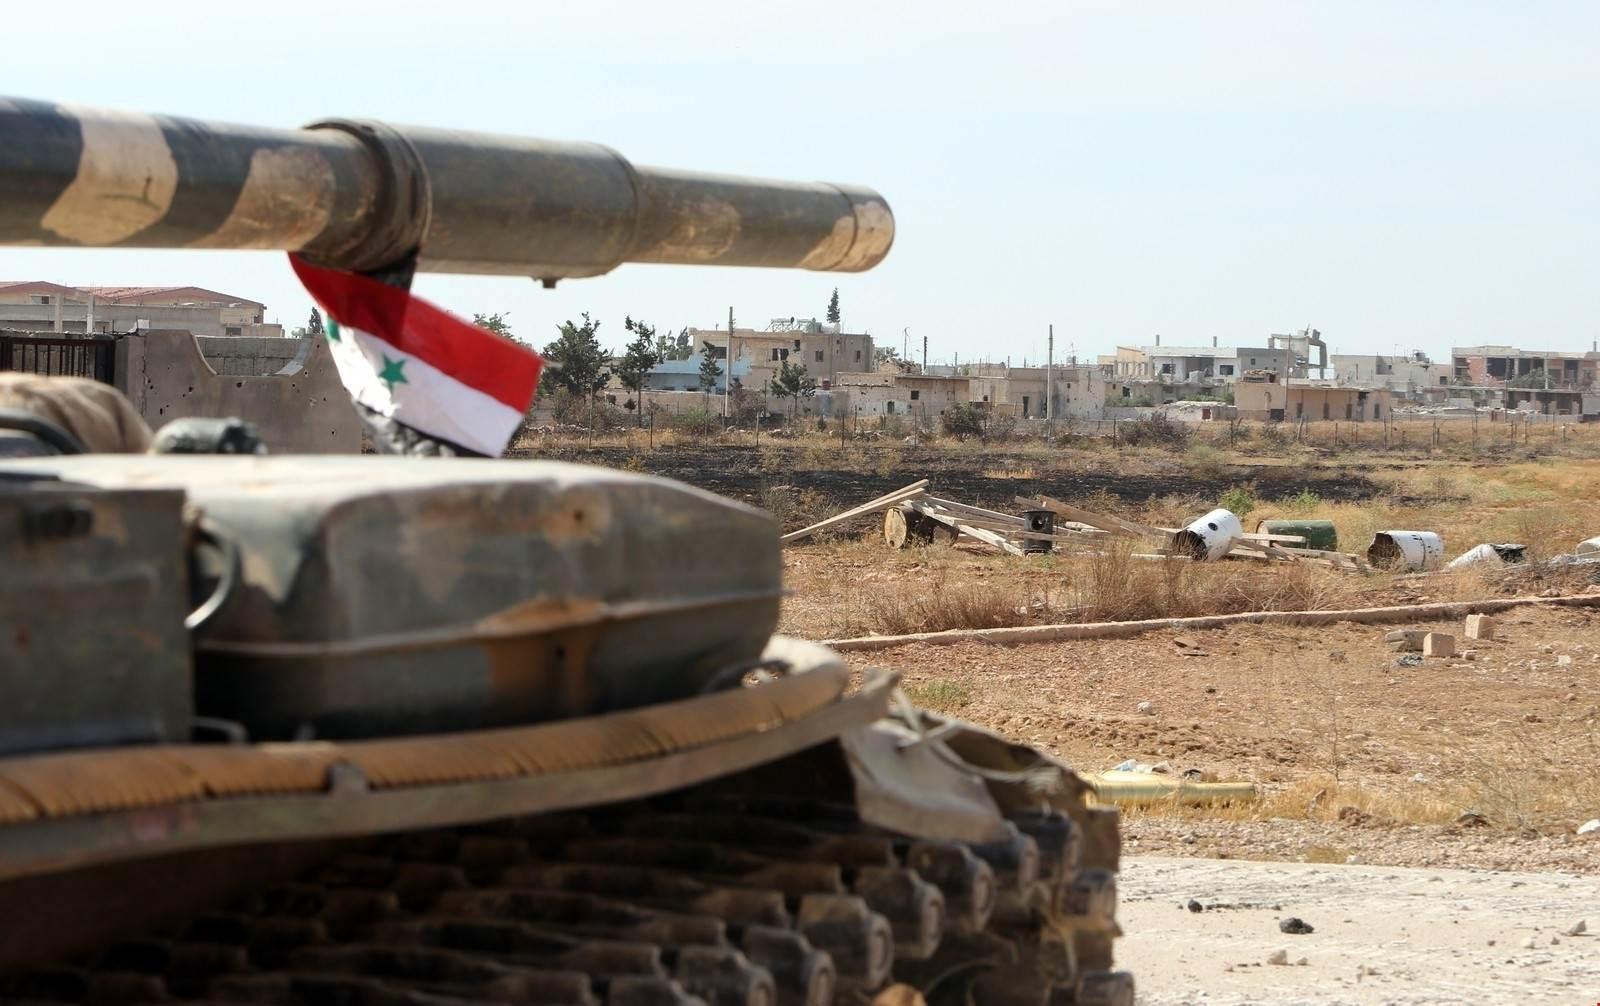 معركة سراقب وتجدد الهواجس الإسرائيلية.. هل تخرج إيران من سوريا؟